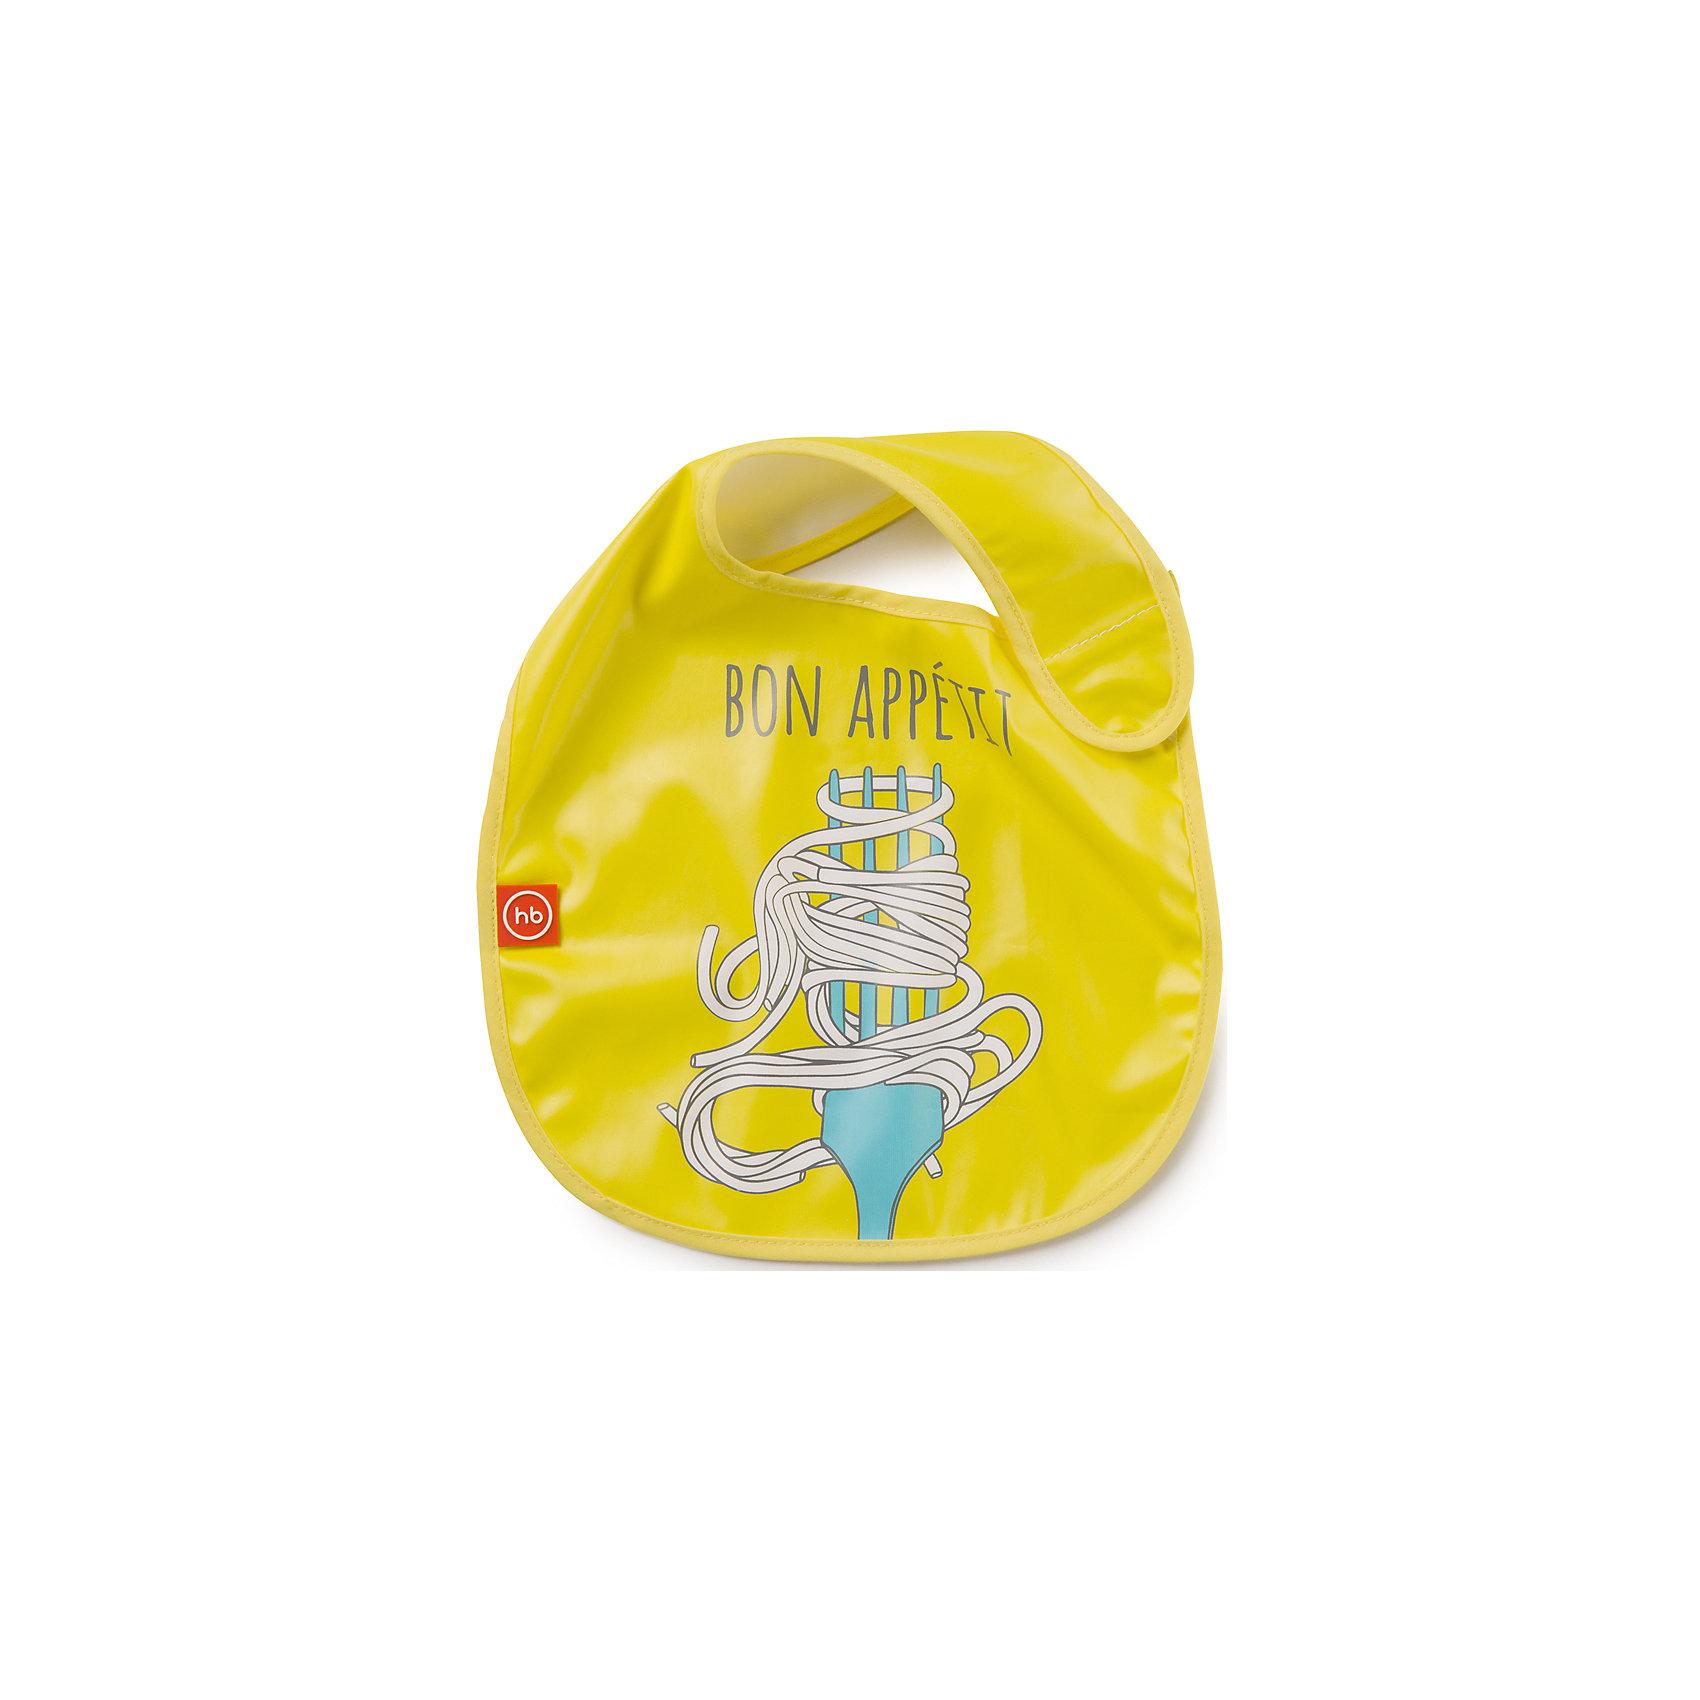 Нагрудник на липучке, Happy Baby, желтыйКаждый малыш, вырастая, учится многим вещам. Приучить его есть и пить самому - непростой процесс, но на помощь родителям придут разработанные профессионалами приспособления - например, нагрудники. Нагрудник на липучке  от Happy Baby (Хэпи Бэби) позволит малышу легче научиться есть и пить самостоятельно.<br>Он отличается удобной формой, приятный на ощупь. Надежно защитит одежду малыша от остатков пищи и пятен. Нагрудник легко застегивается благодаря липучке. Украшен он симпатичным рисунком. Сделан нагрудник из высококачественных и безопасных для малышей материалов.<br><br>Дополнительная информация:<br><br>цвет: разноцветный;<br>удобная форма;<br>украшен принтом;<br>застежка - липучка.<br><br>Нагрудник на липучке Happy Baby (Хэпи Бэби), желтый, можно купить в нашем магазине.<br><br>Ширина мм: 5<br>Глубина мм: 260<br>Высота мм: 310<br>Вес г: 49<br>Возраст от месяцев: 6<br>Возраст до месяцев: 36<br>Пол: Унисекс<br>Возраст: Детский<br>SKU: 4695005